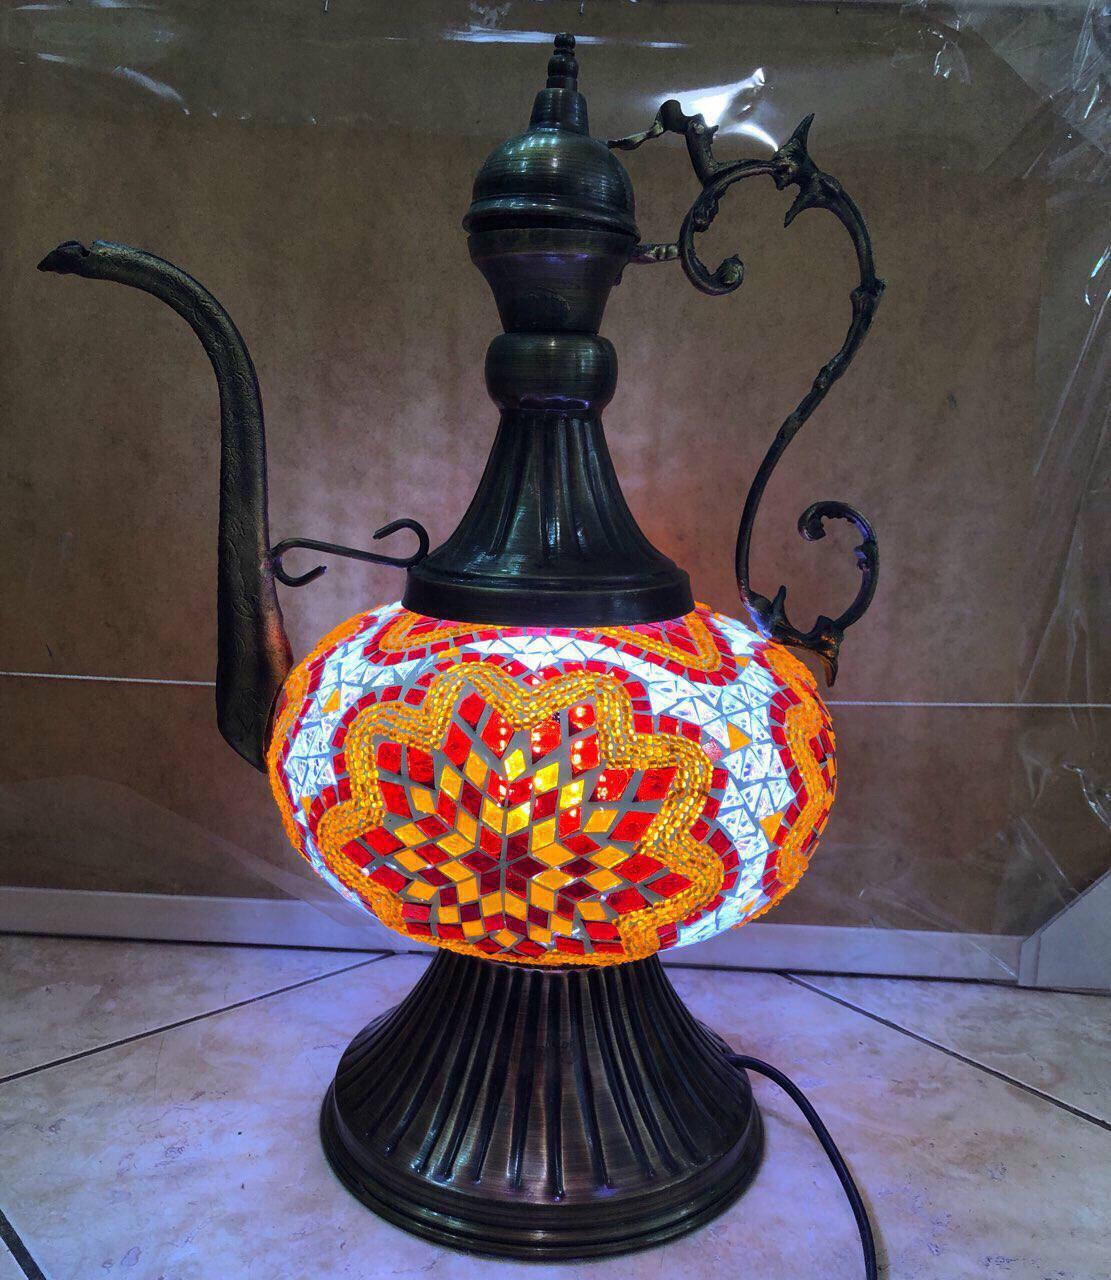 Настольный турецкий светильник большая лампа Алладина Sinan из мозаики ручной работы 50 см